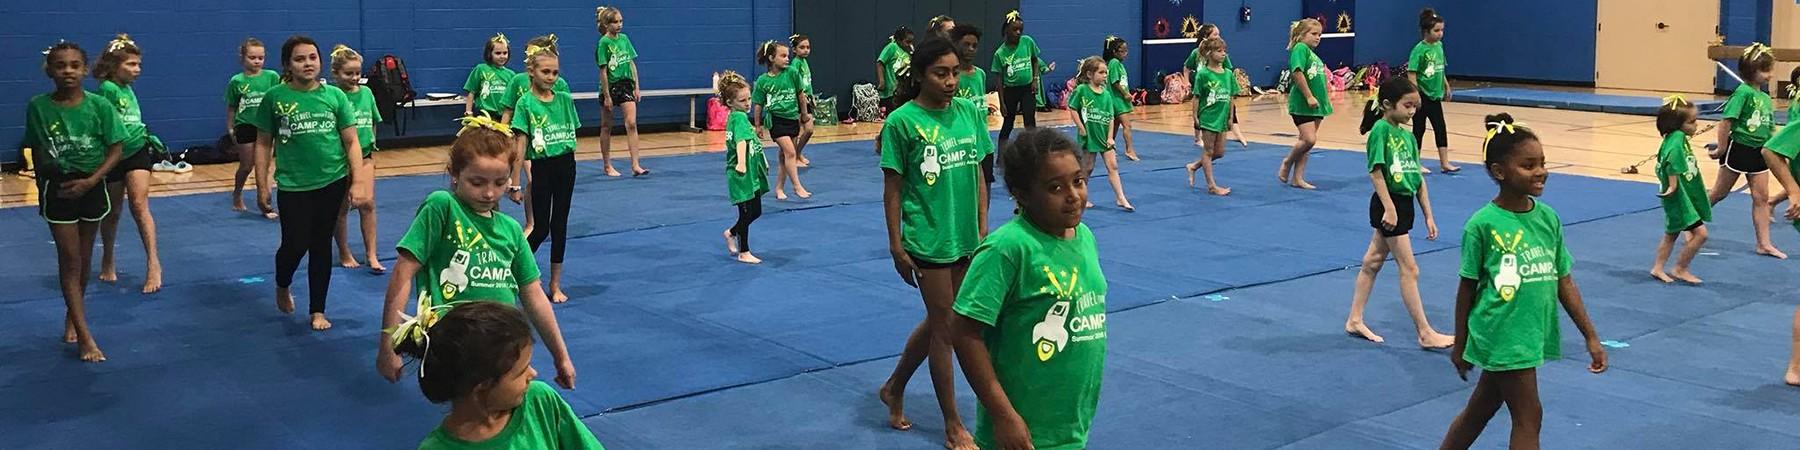 Youth Gymnastics1.jpg